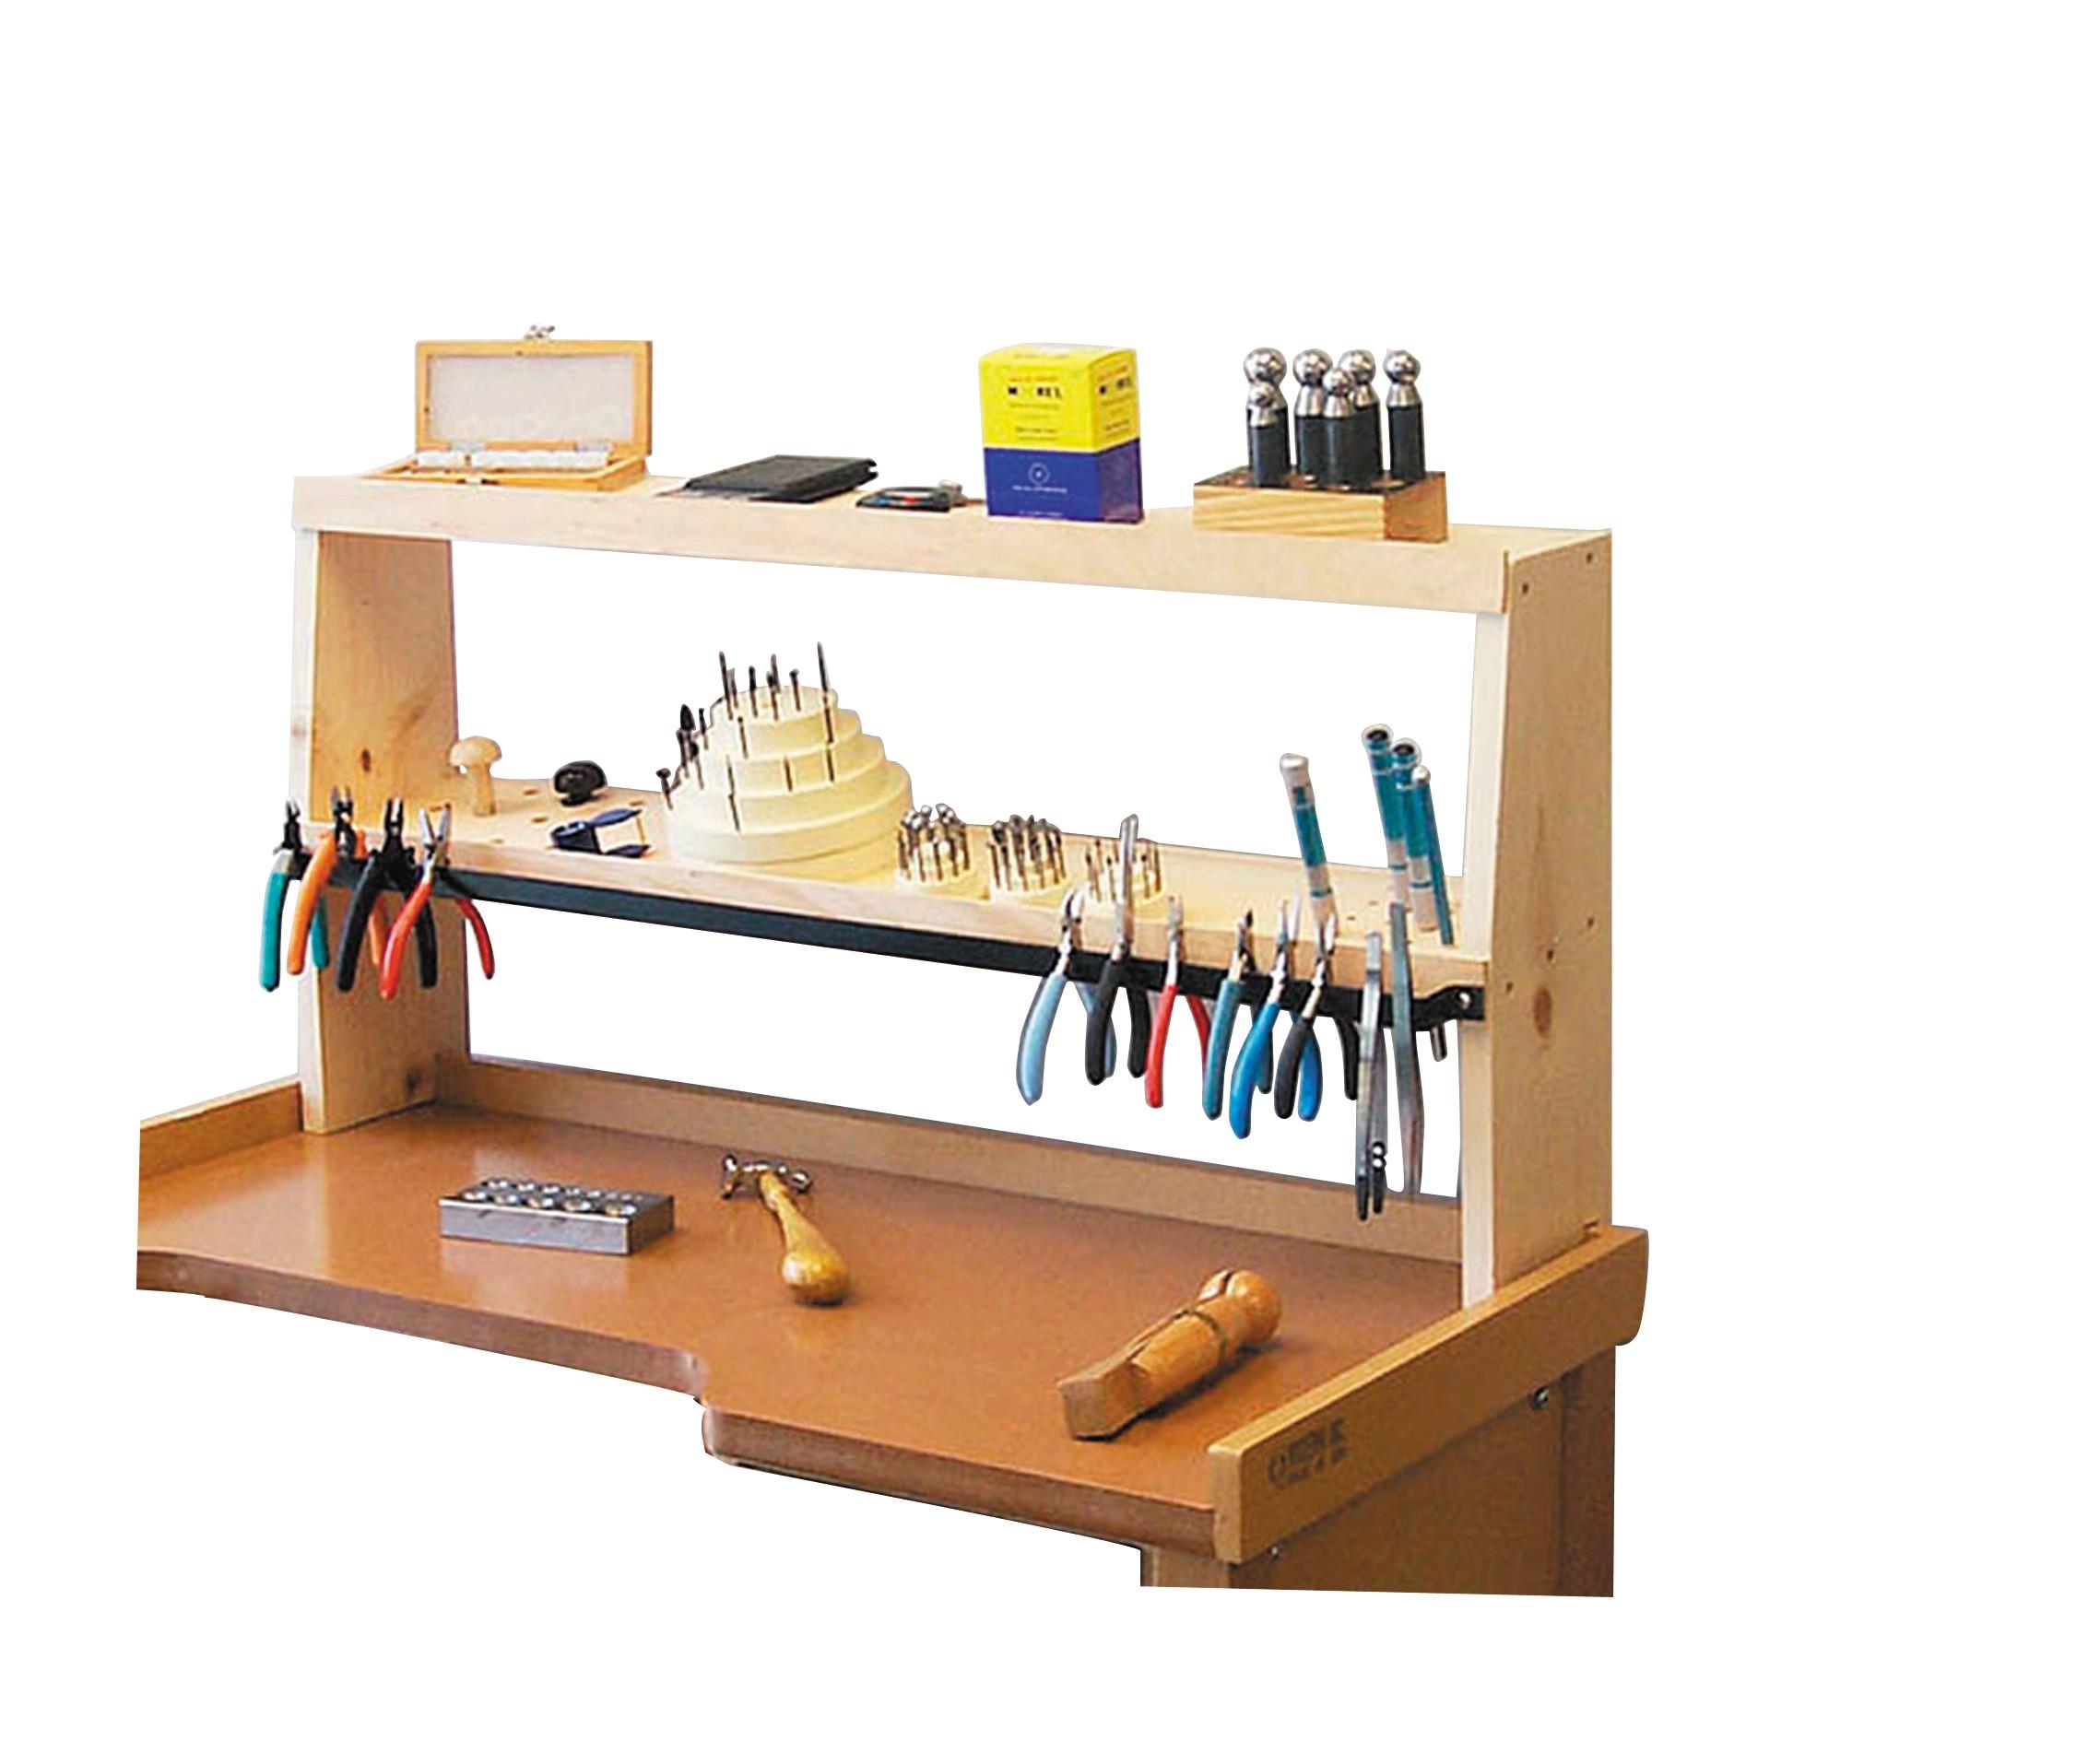 35  x 7-1/4  x 17  Bench Shelf Jewelry Tool  sc 1 st  PMC Supplies & 35\